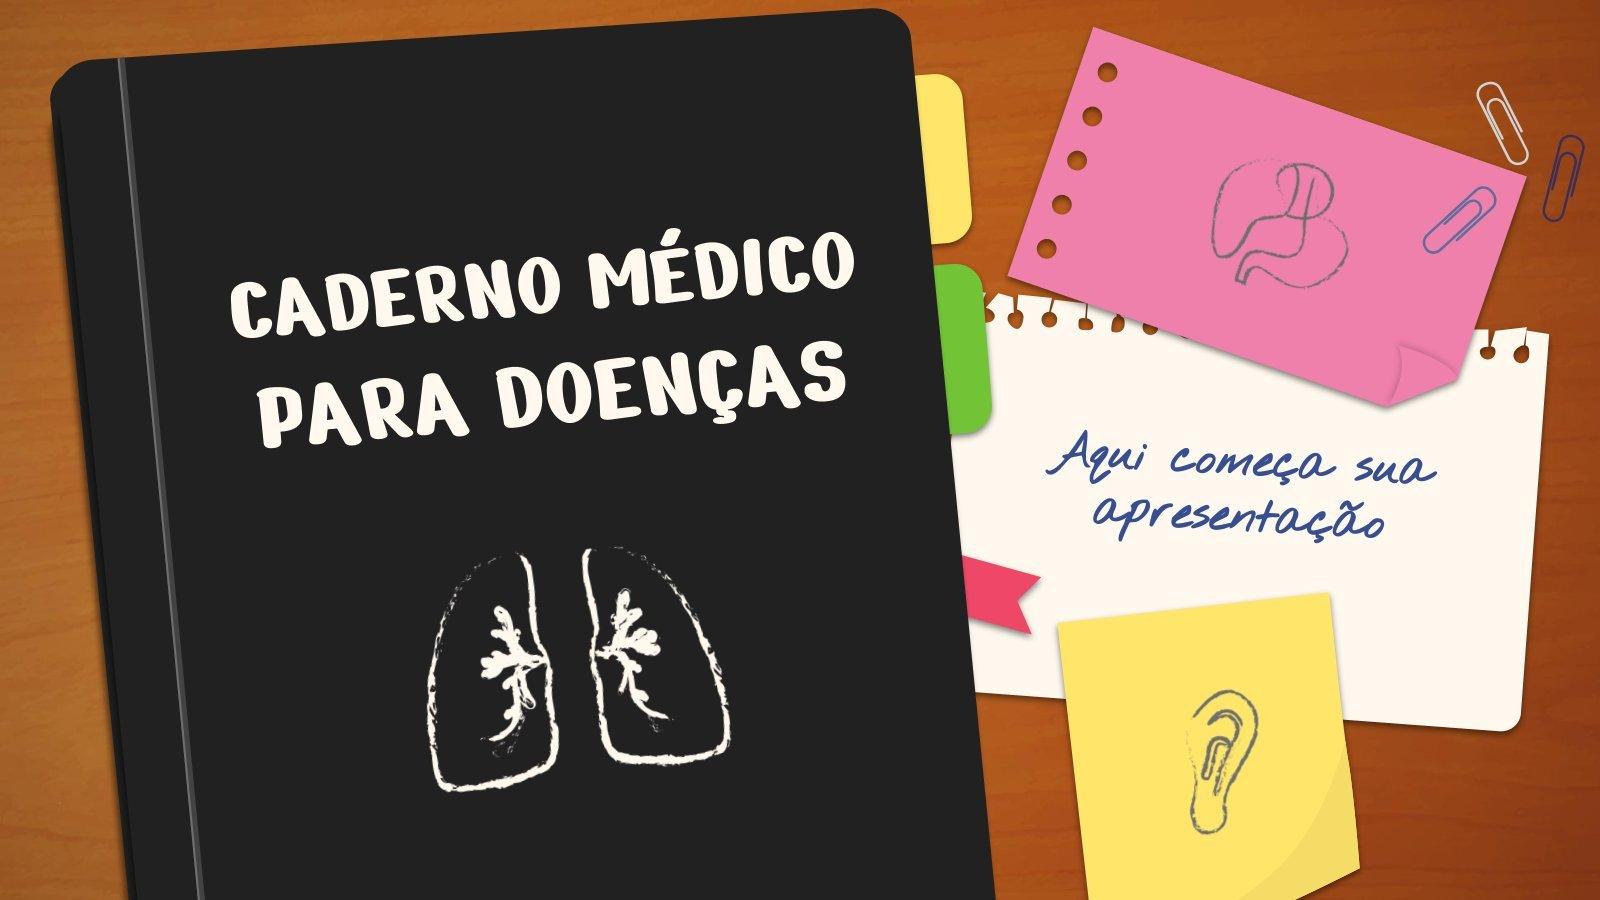 Modelo de apresentação Caderno médico para doenças